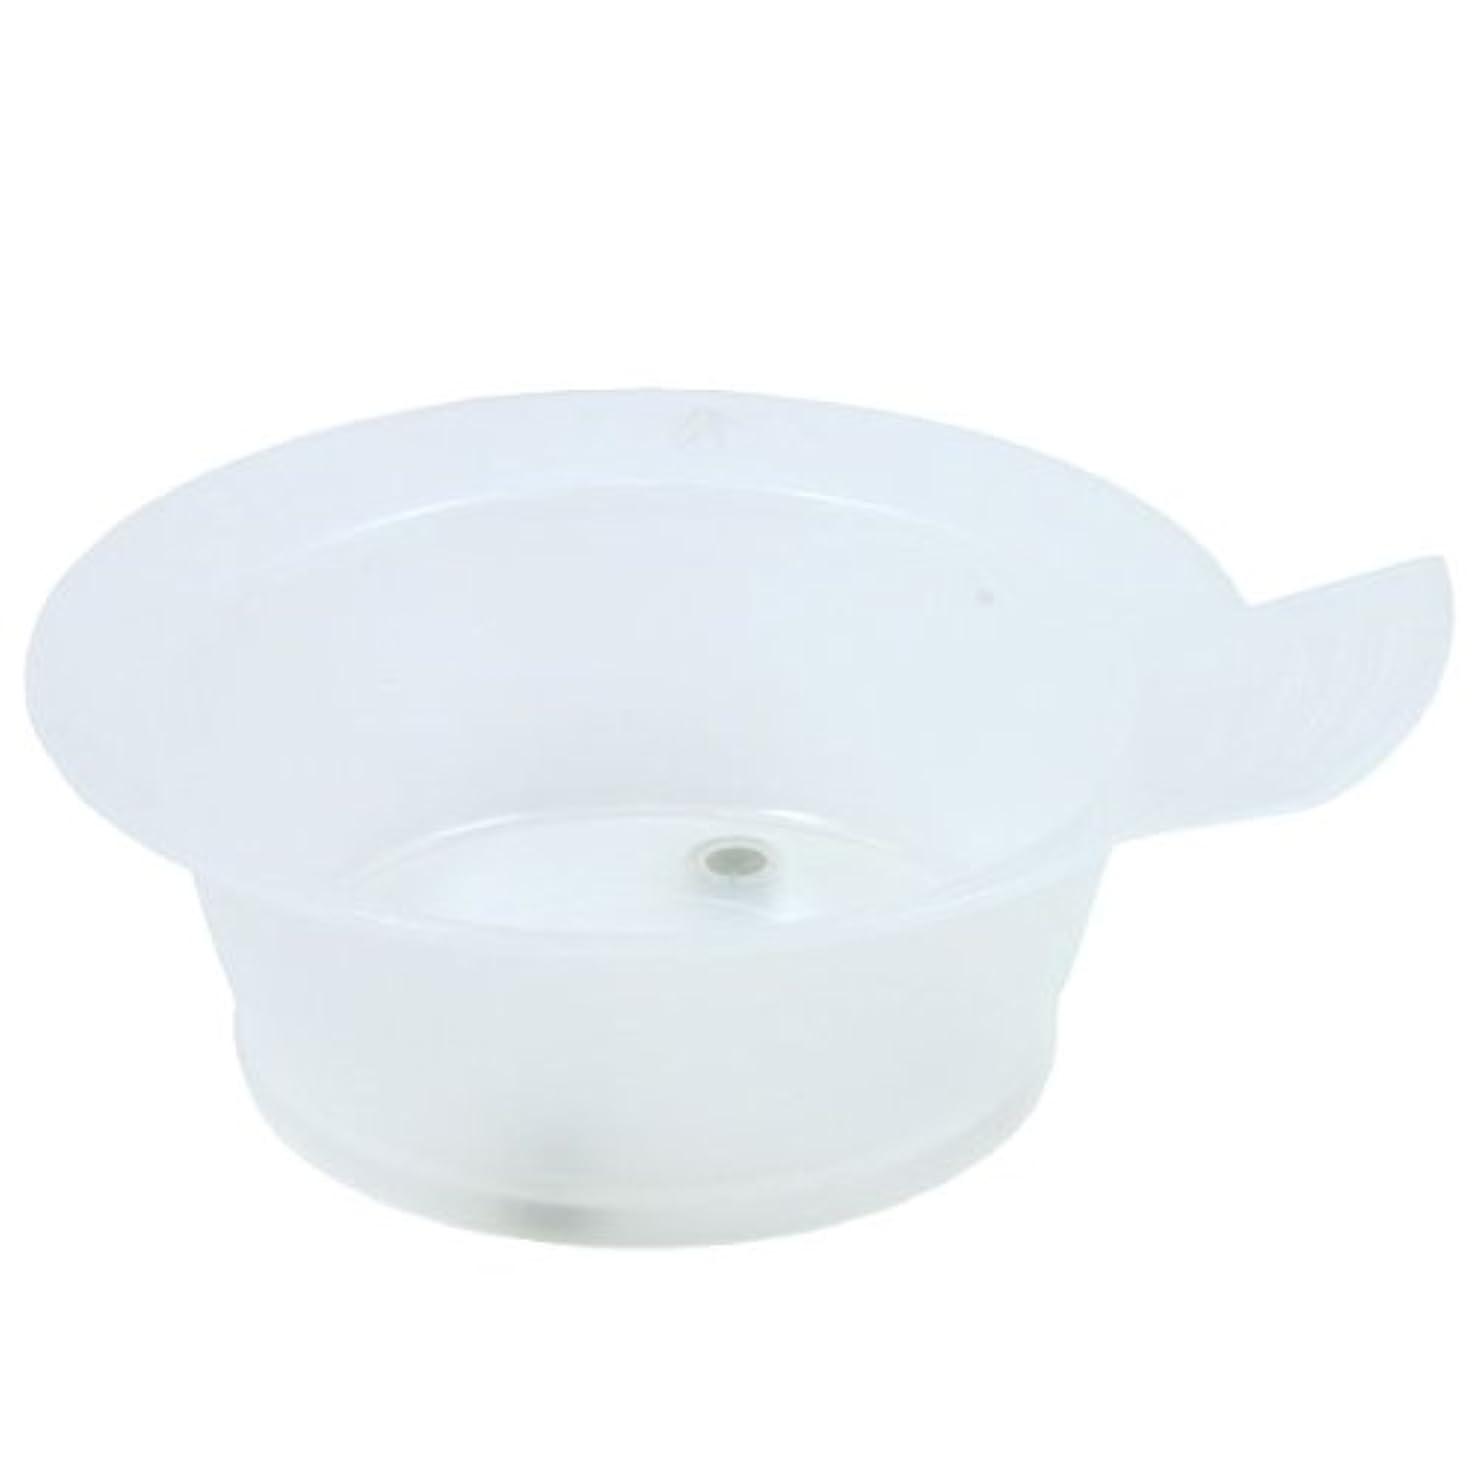 概してアレルギーブリッジTBG ヘアダイカップ クリアホワイト 3個セット